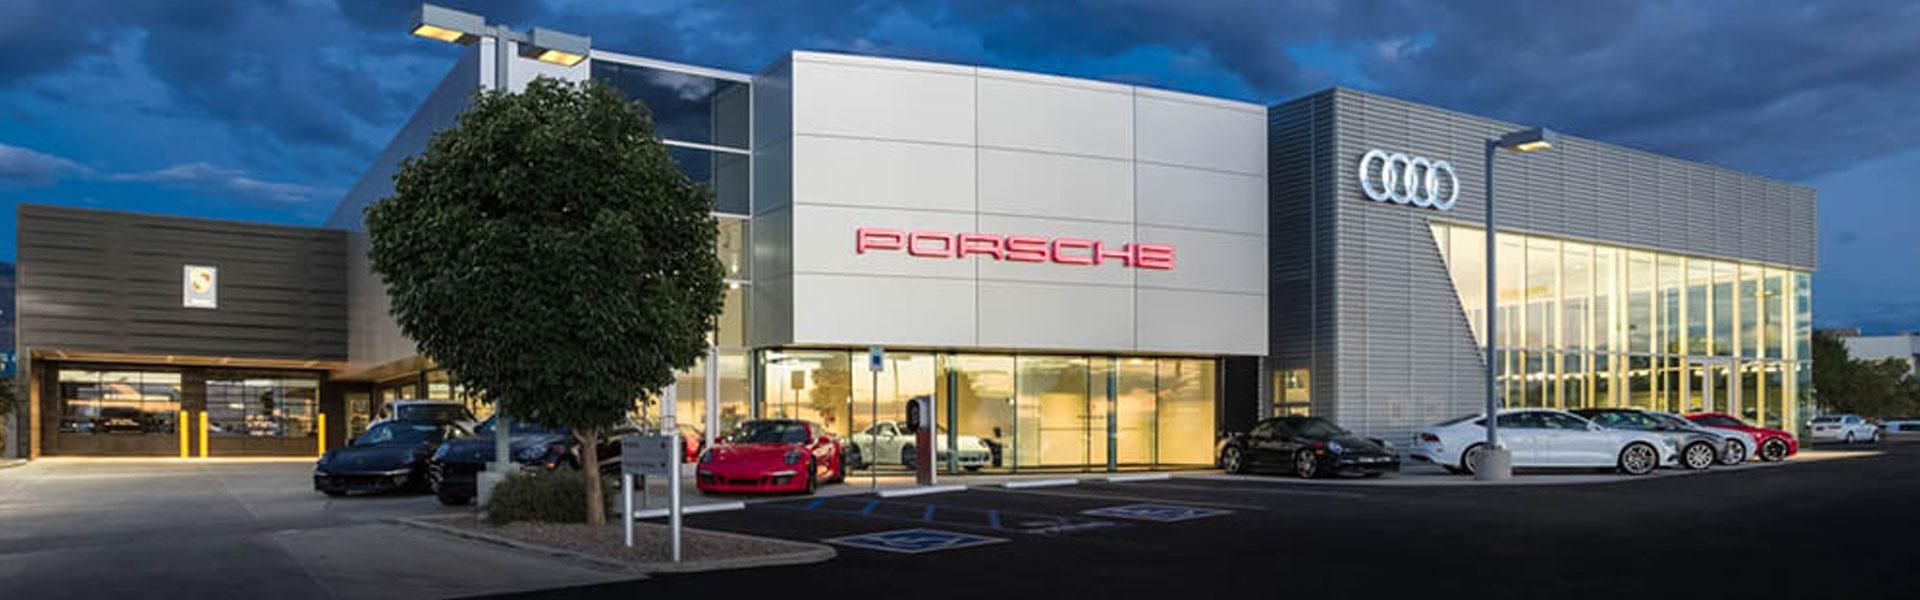 Porsche / Audi of Albuquerque